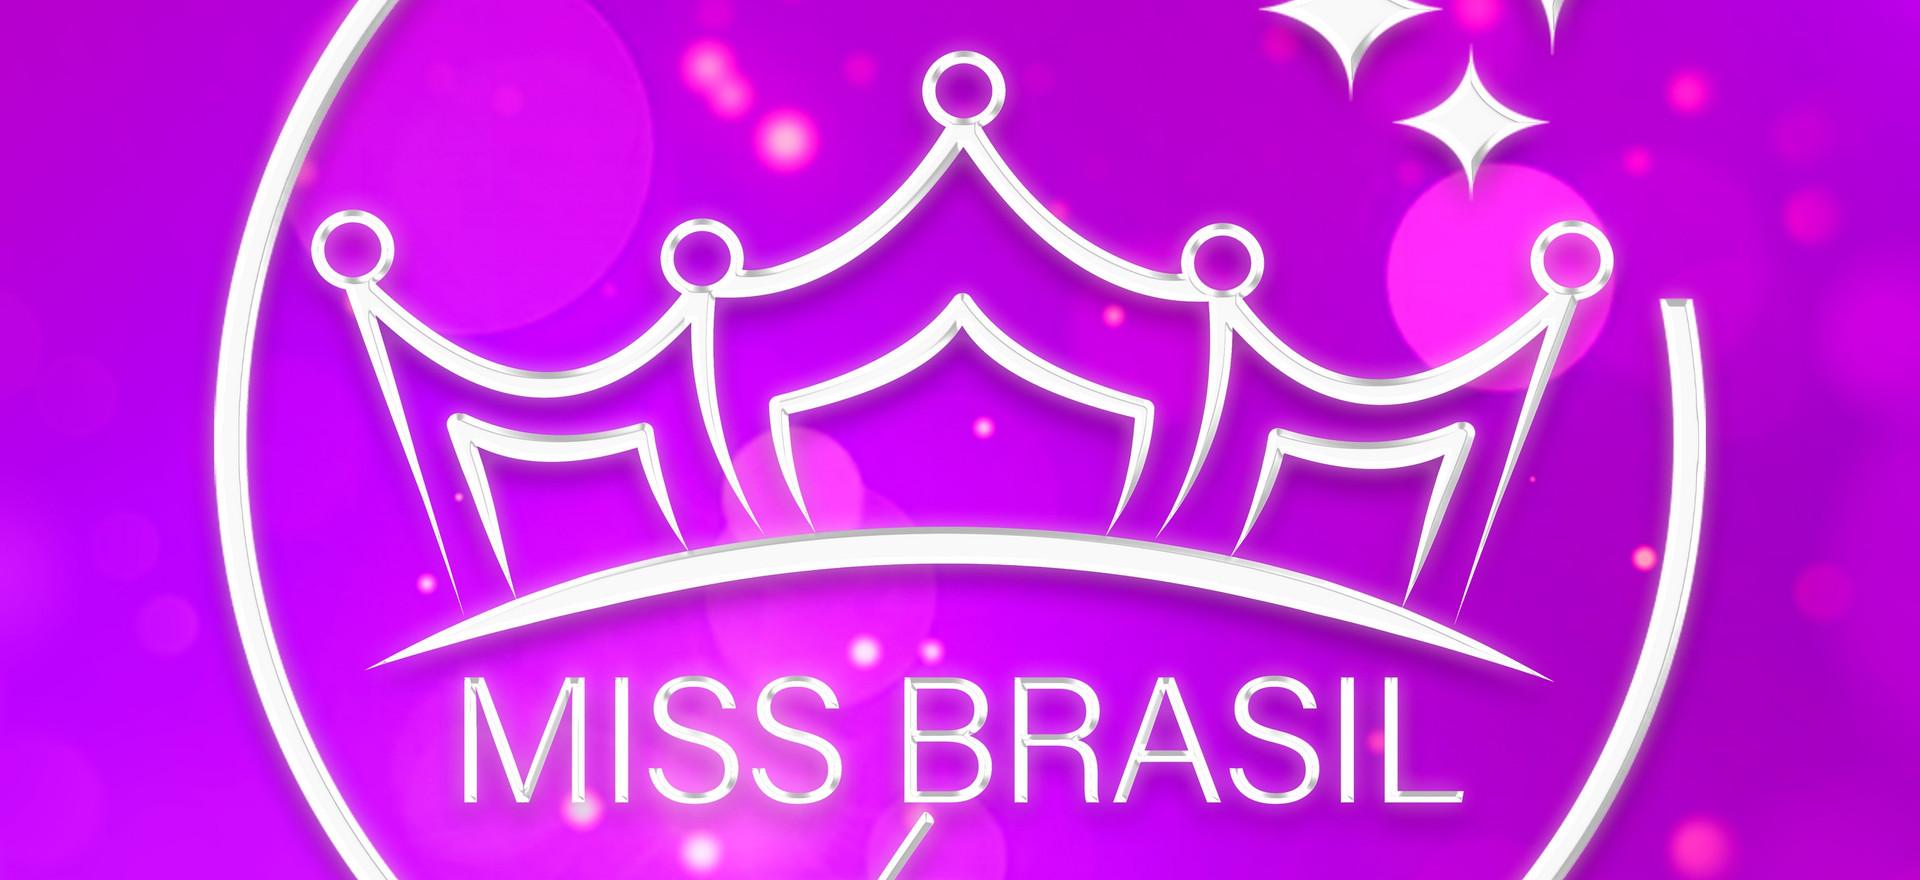 LOGO - MISS BRASIL TEEN - avatar.jpg